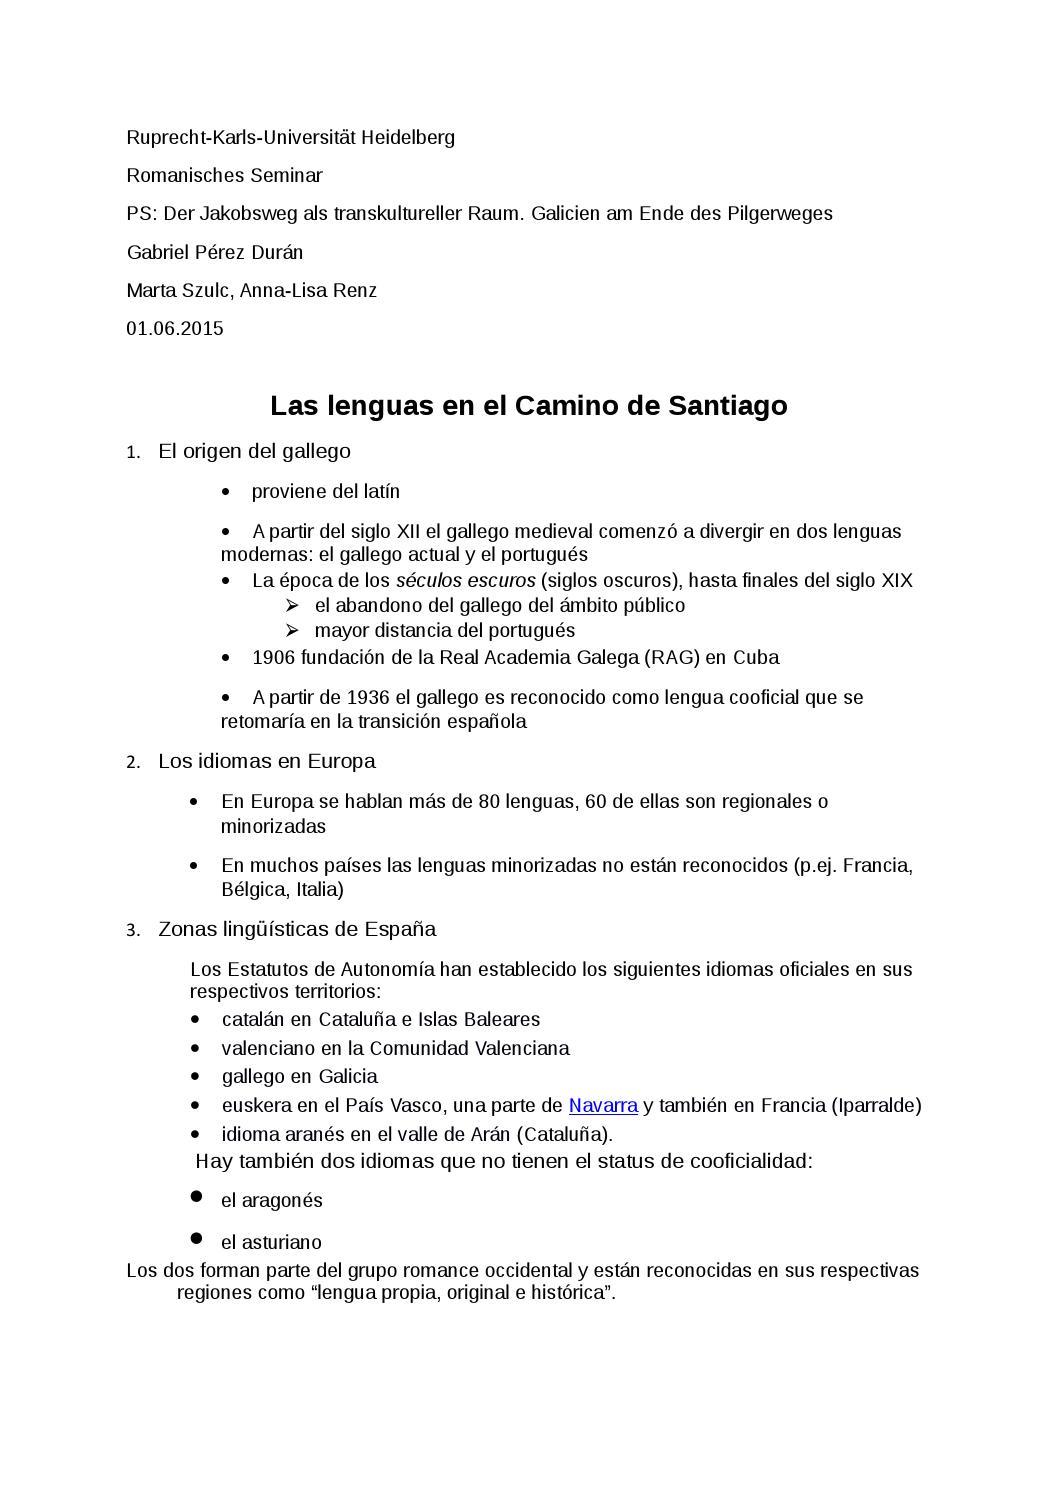 Francia idiomas oficiales euskera